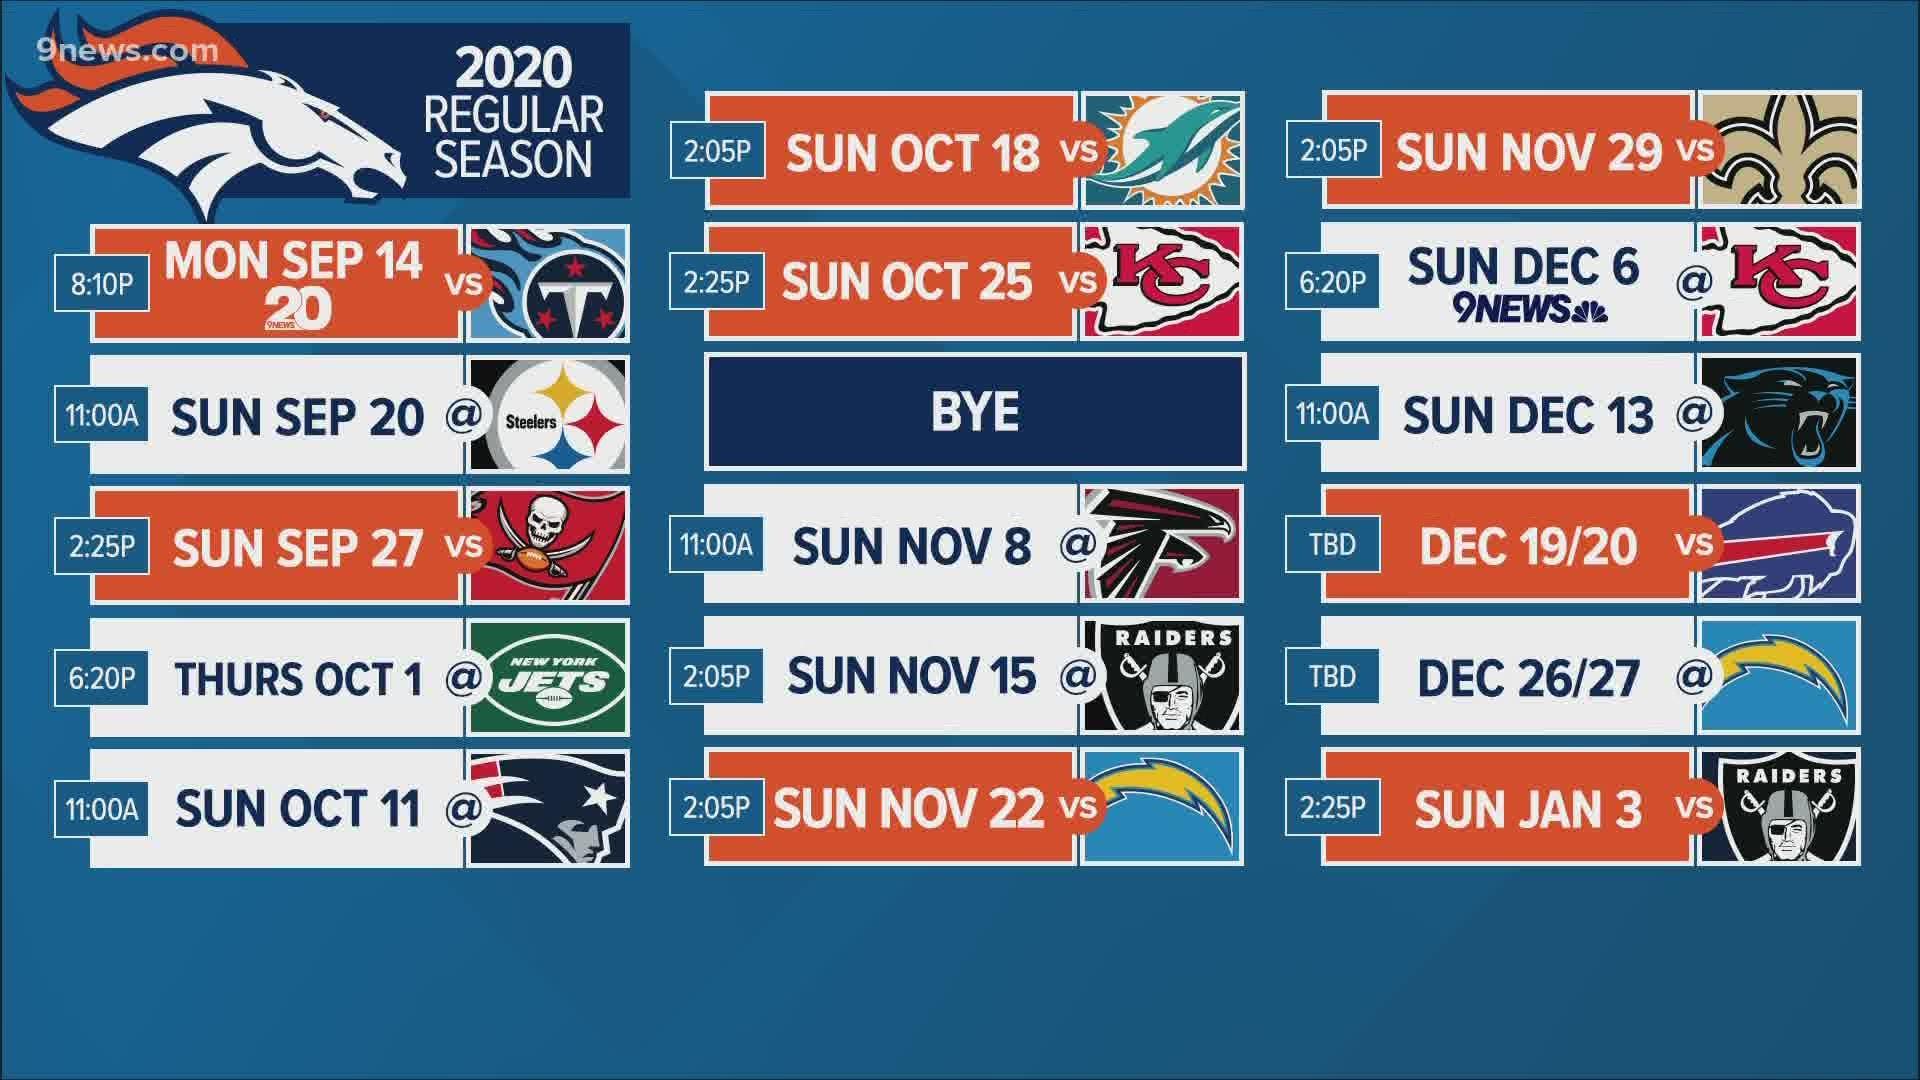 Mike Klis Breaks Down 2020 Broncos Schedule with regard to Printable Nfl Schedule 2020 Season